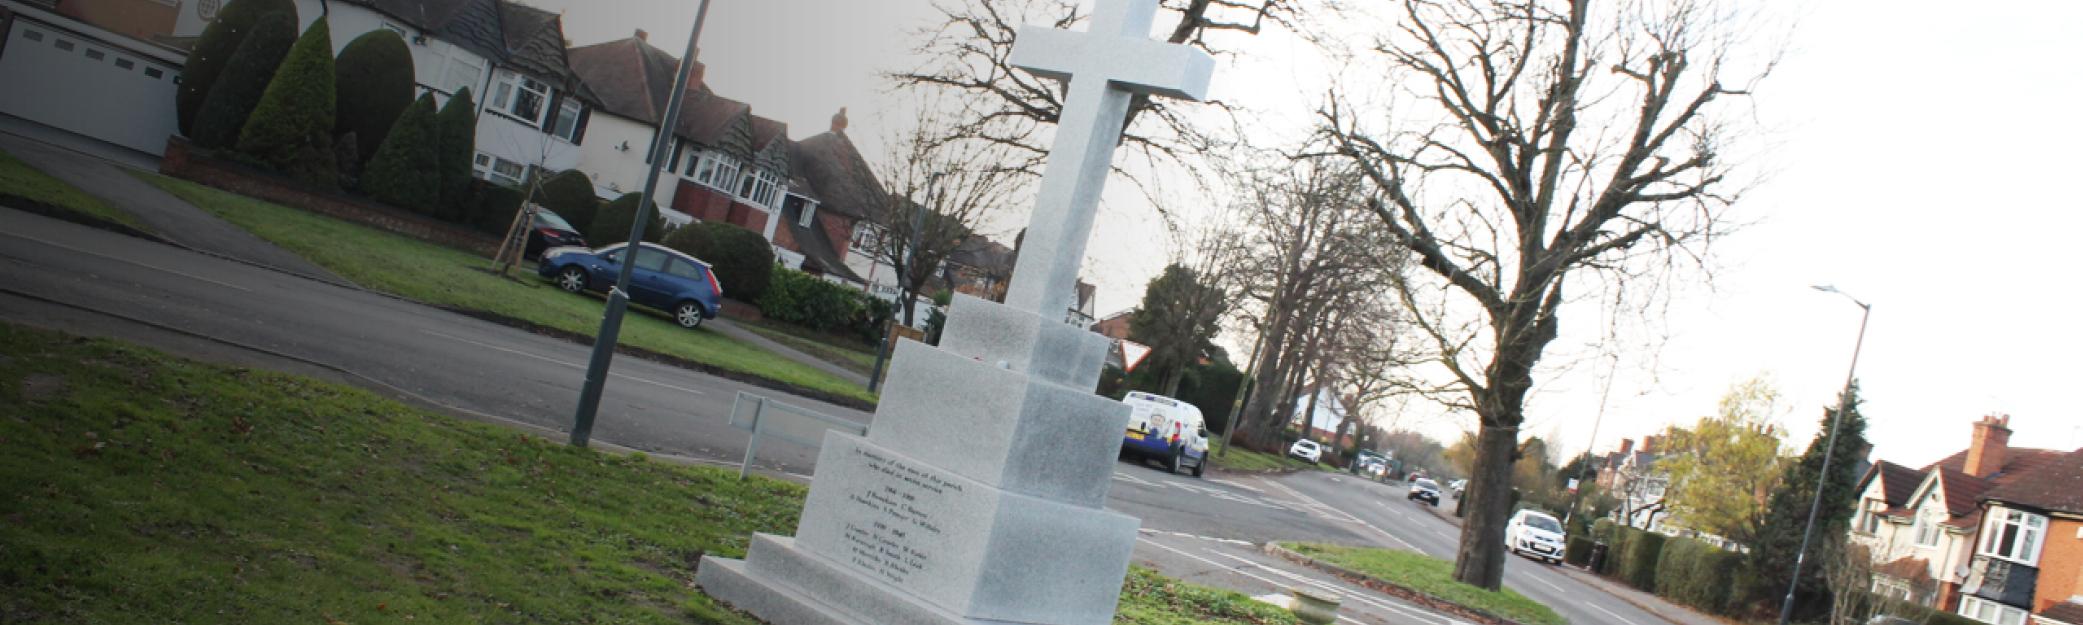 Water Orton war memorial